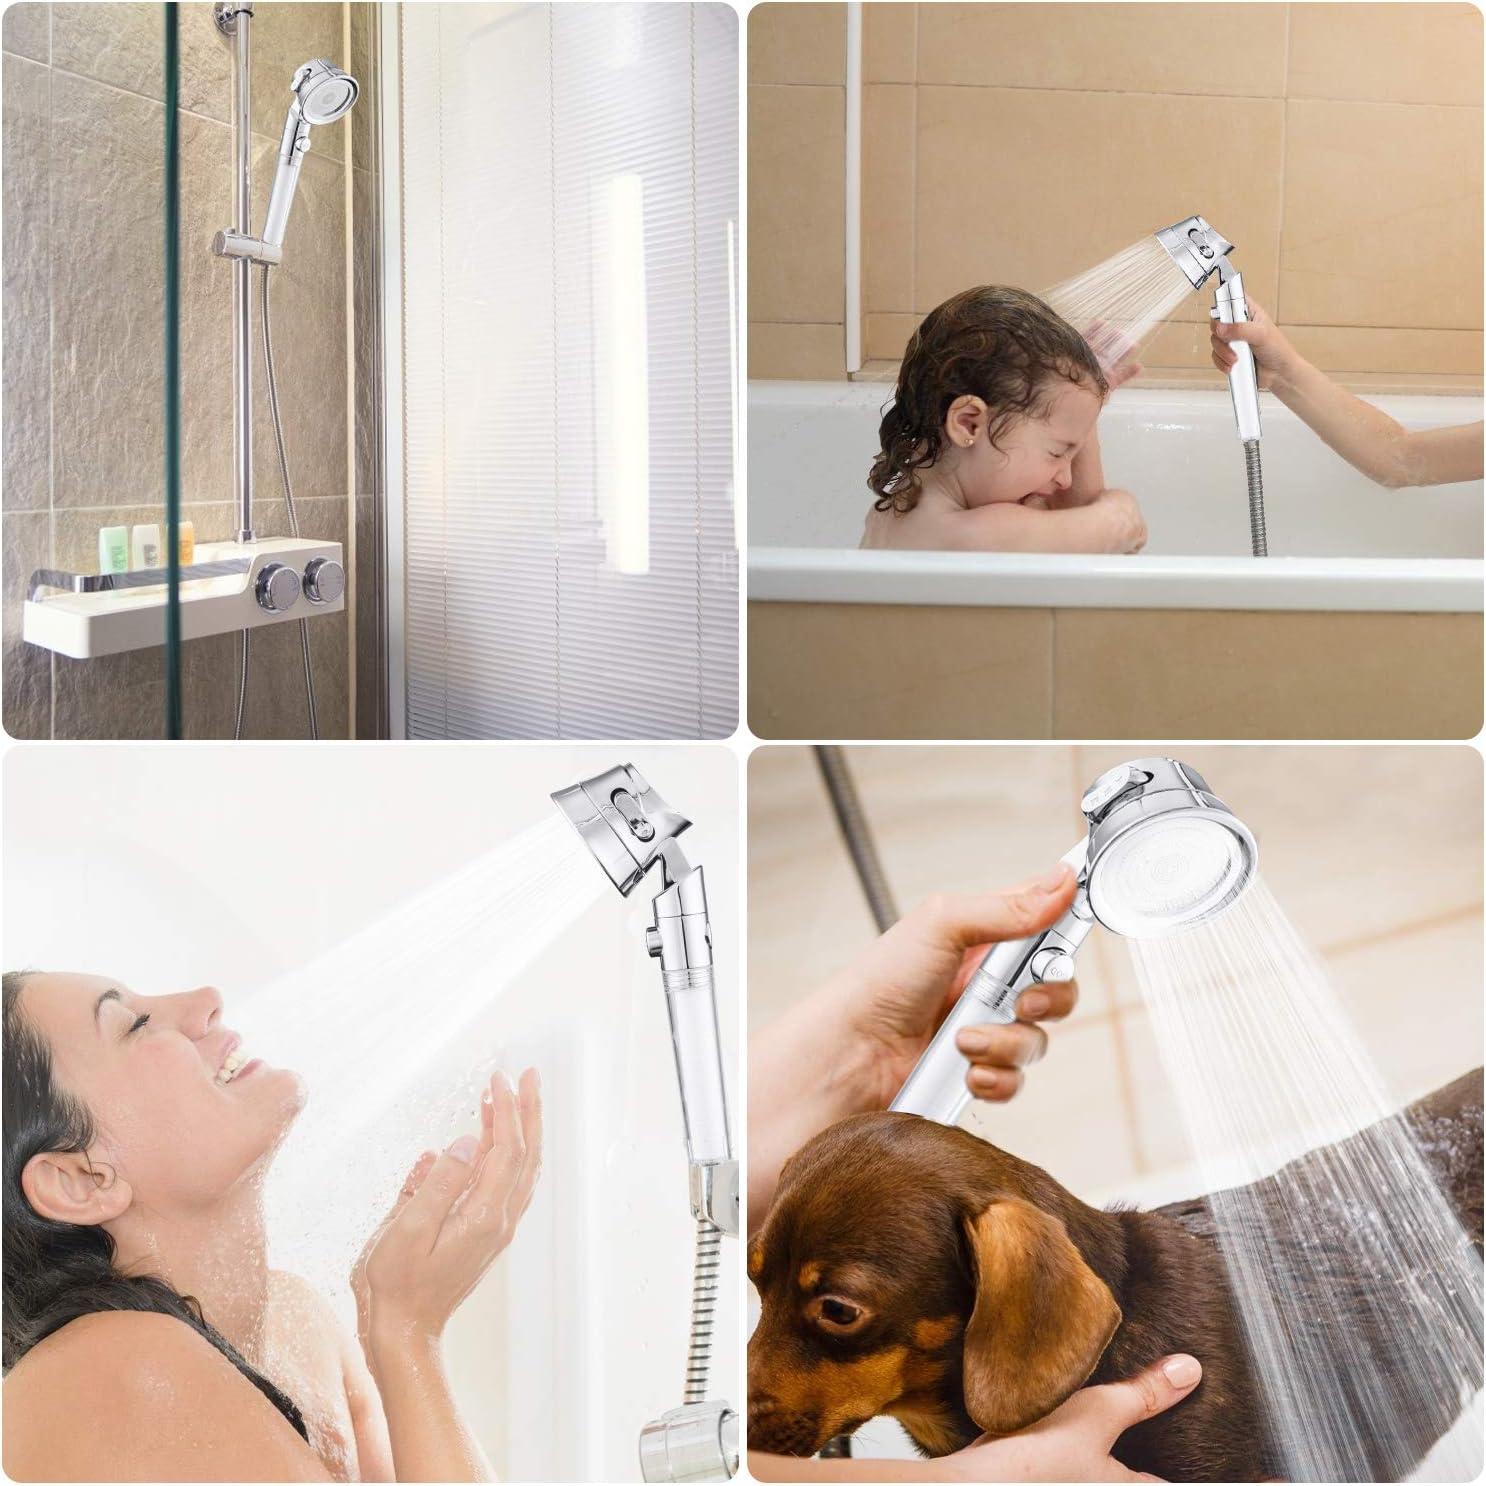 pommeau de douche haute pression y compris 2 filtres rempla/çables /économiseur deau 3 modes de pulv/érisation avec pause on//off Weihao Pommeau de douche